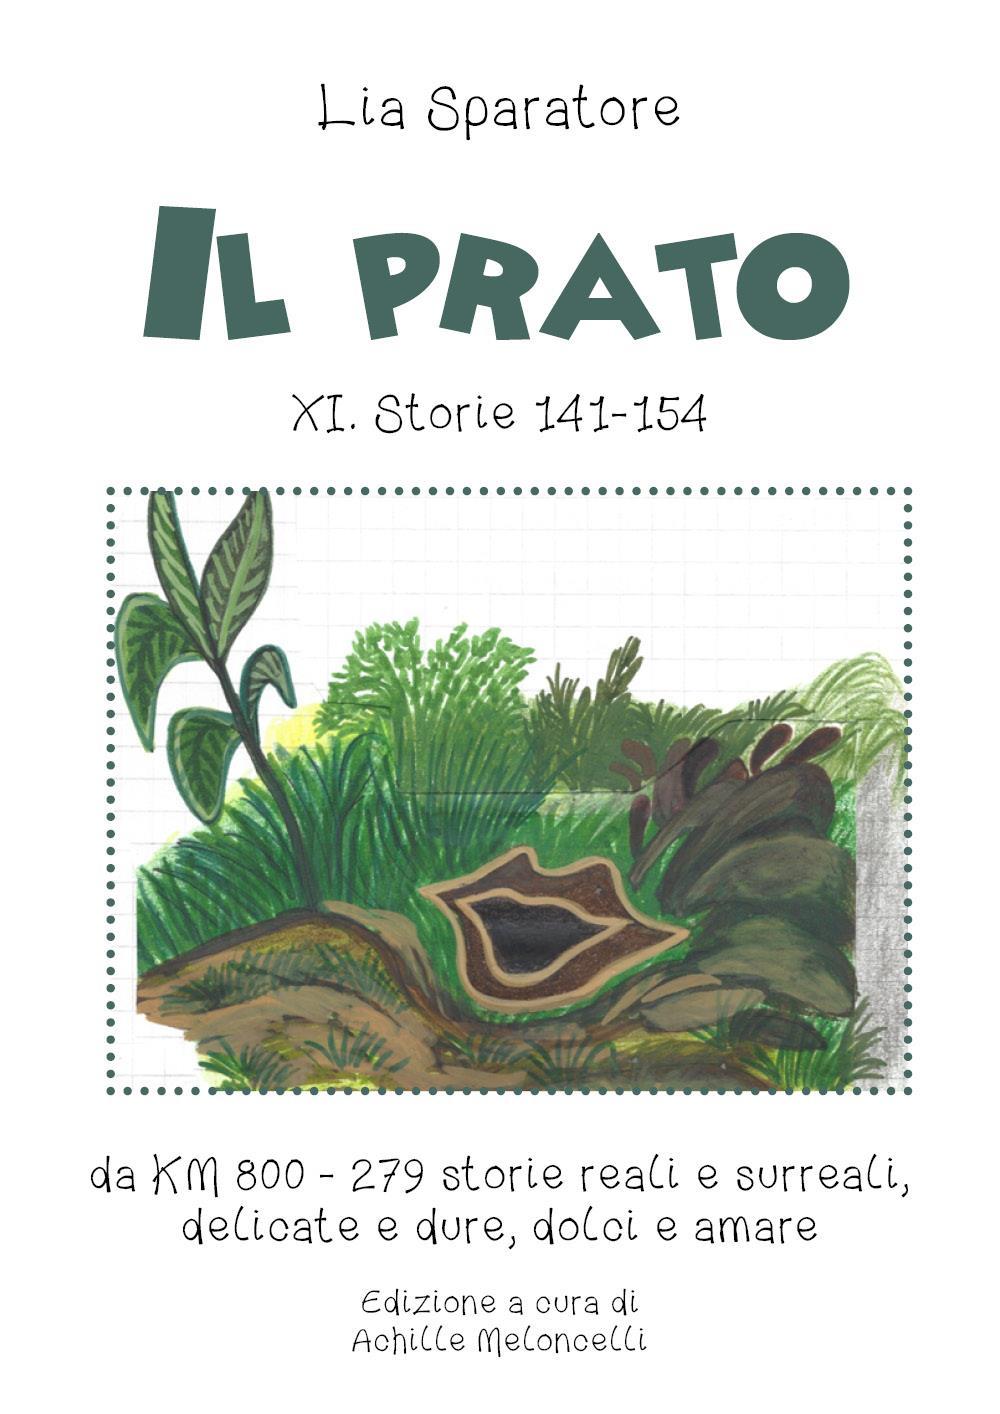 Il prato XI. Storie 141-154, da KM 800 - 279 storie reali e surreali, delicate e dure, dolci e amare